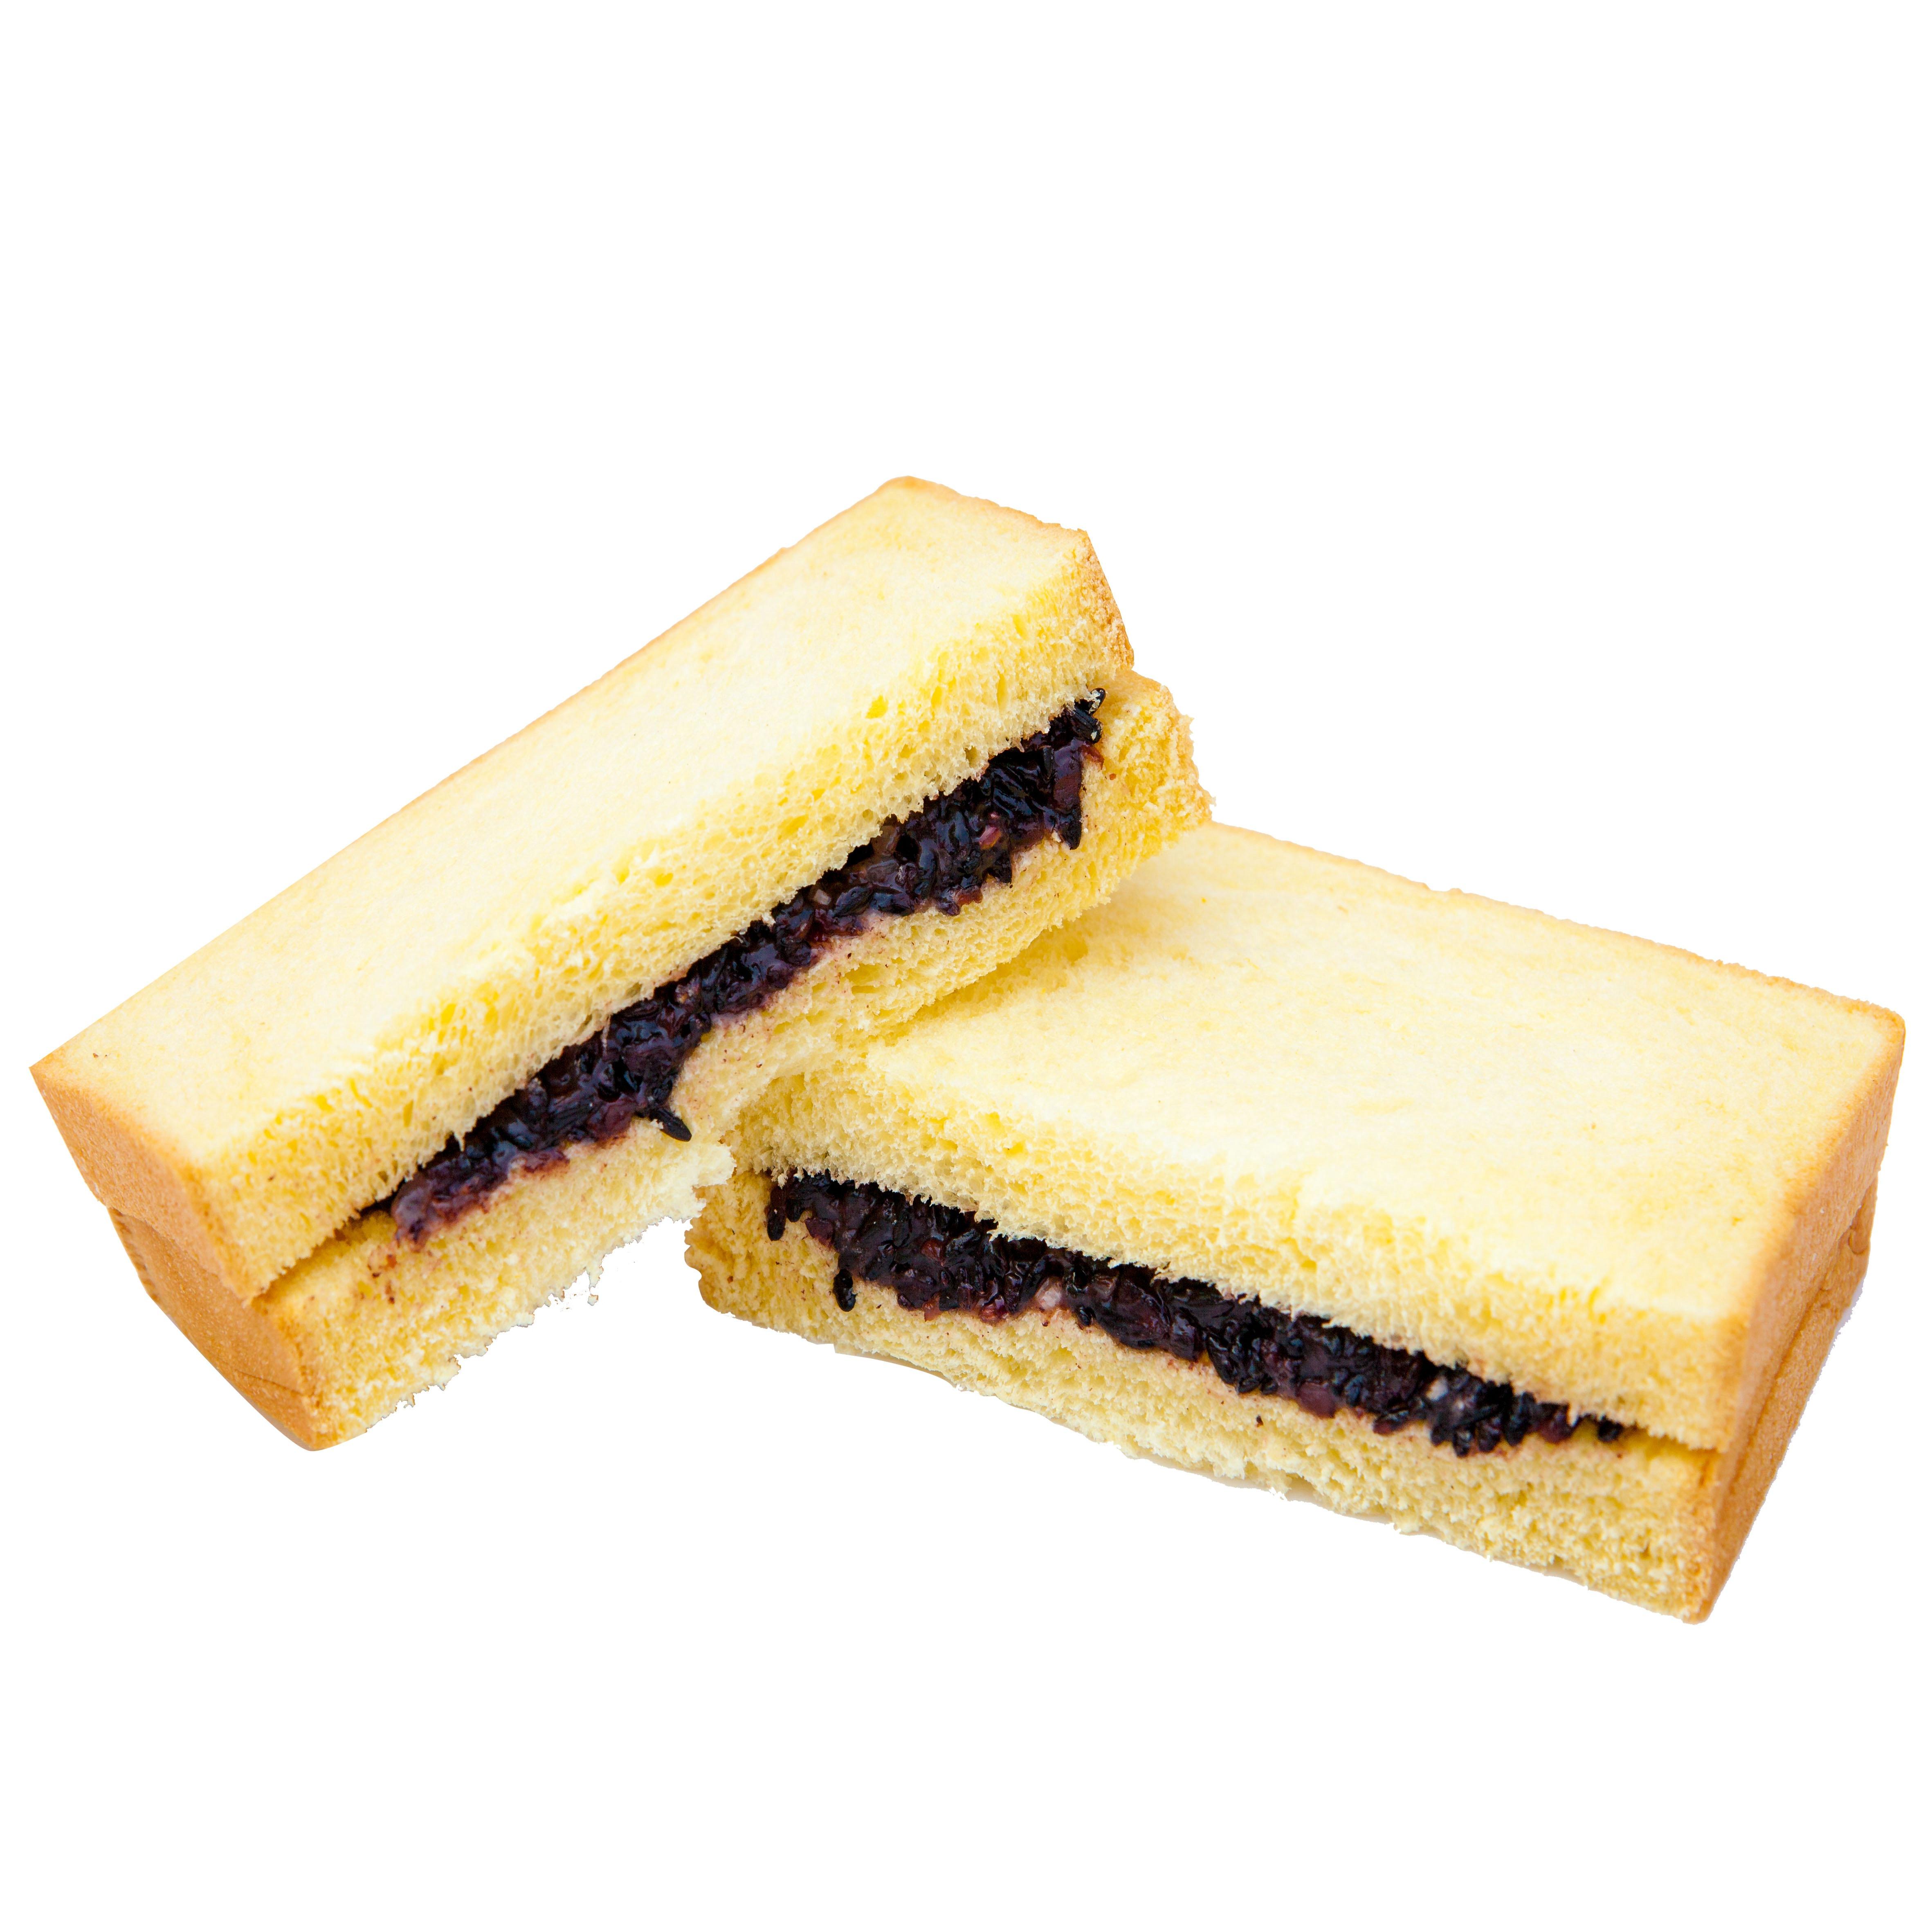 正品保证枢洋园吐司紫米面包营养早餐整箱零食炼乳小口袋奶酪面包蛋糕点心